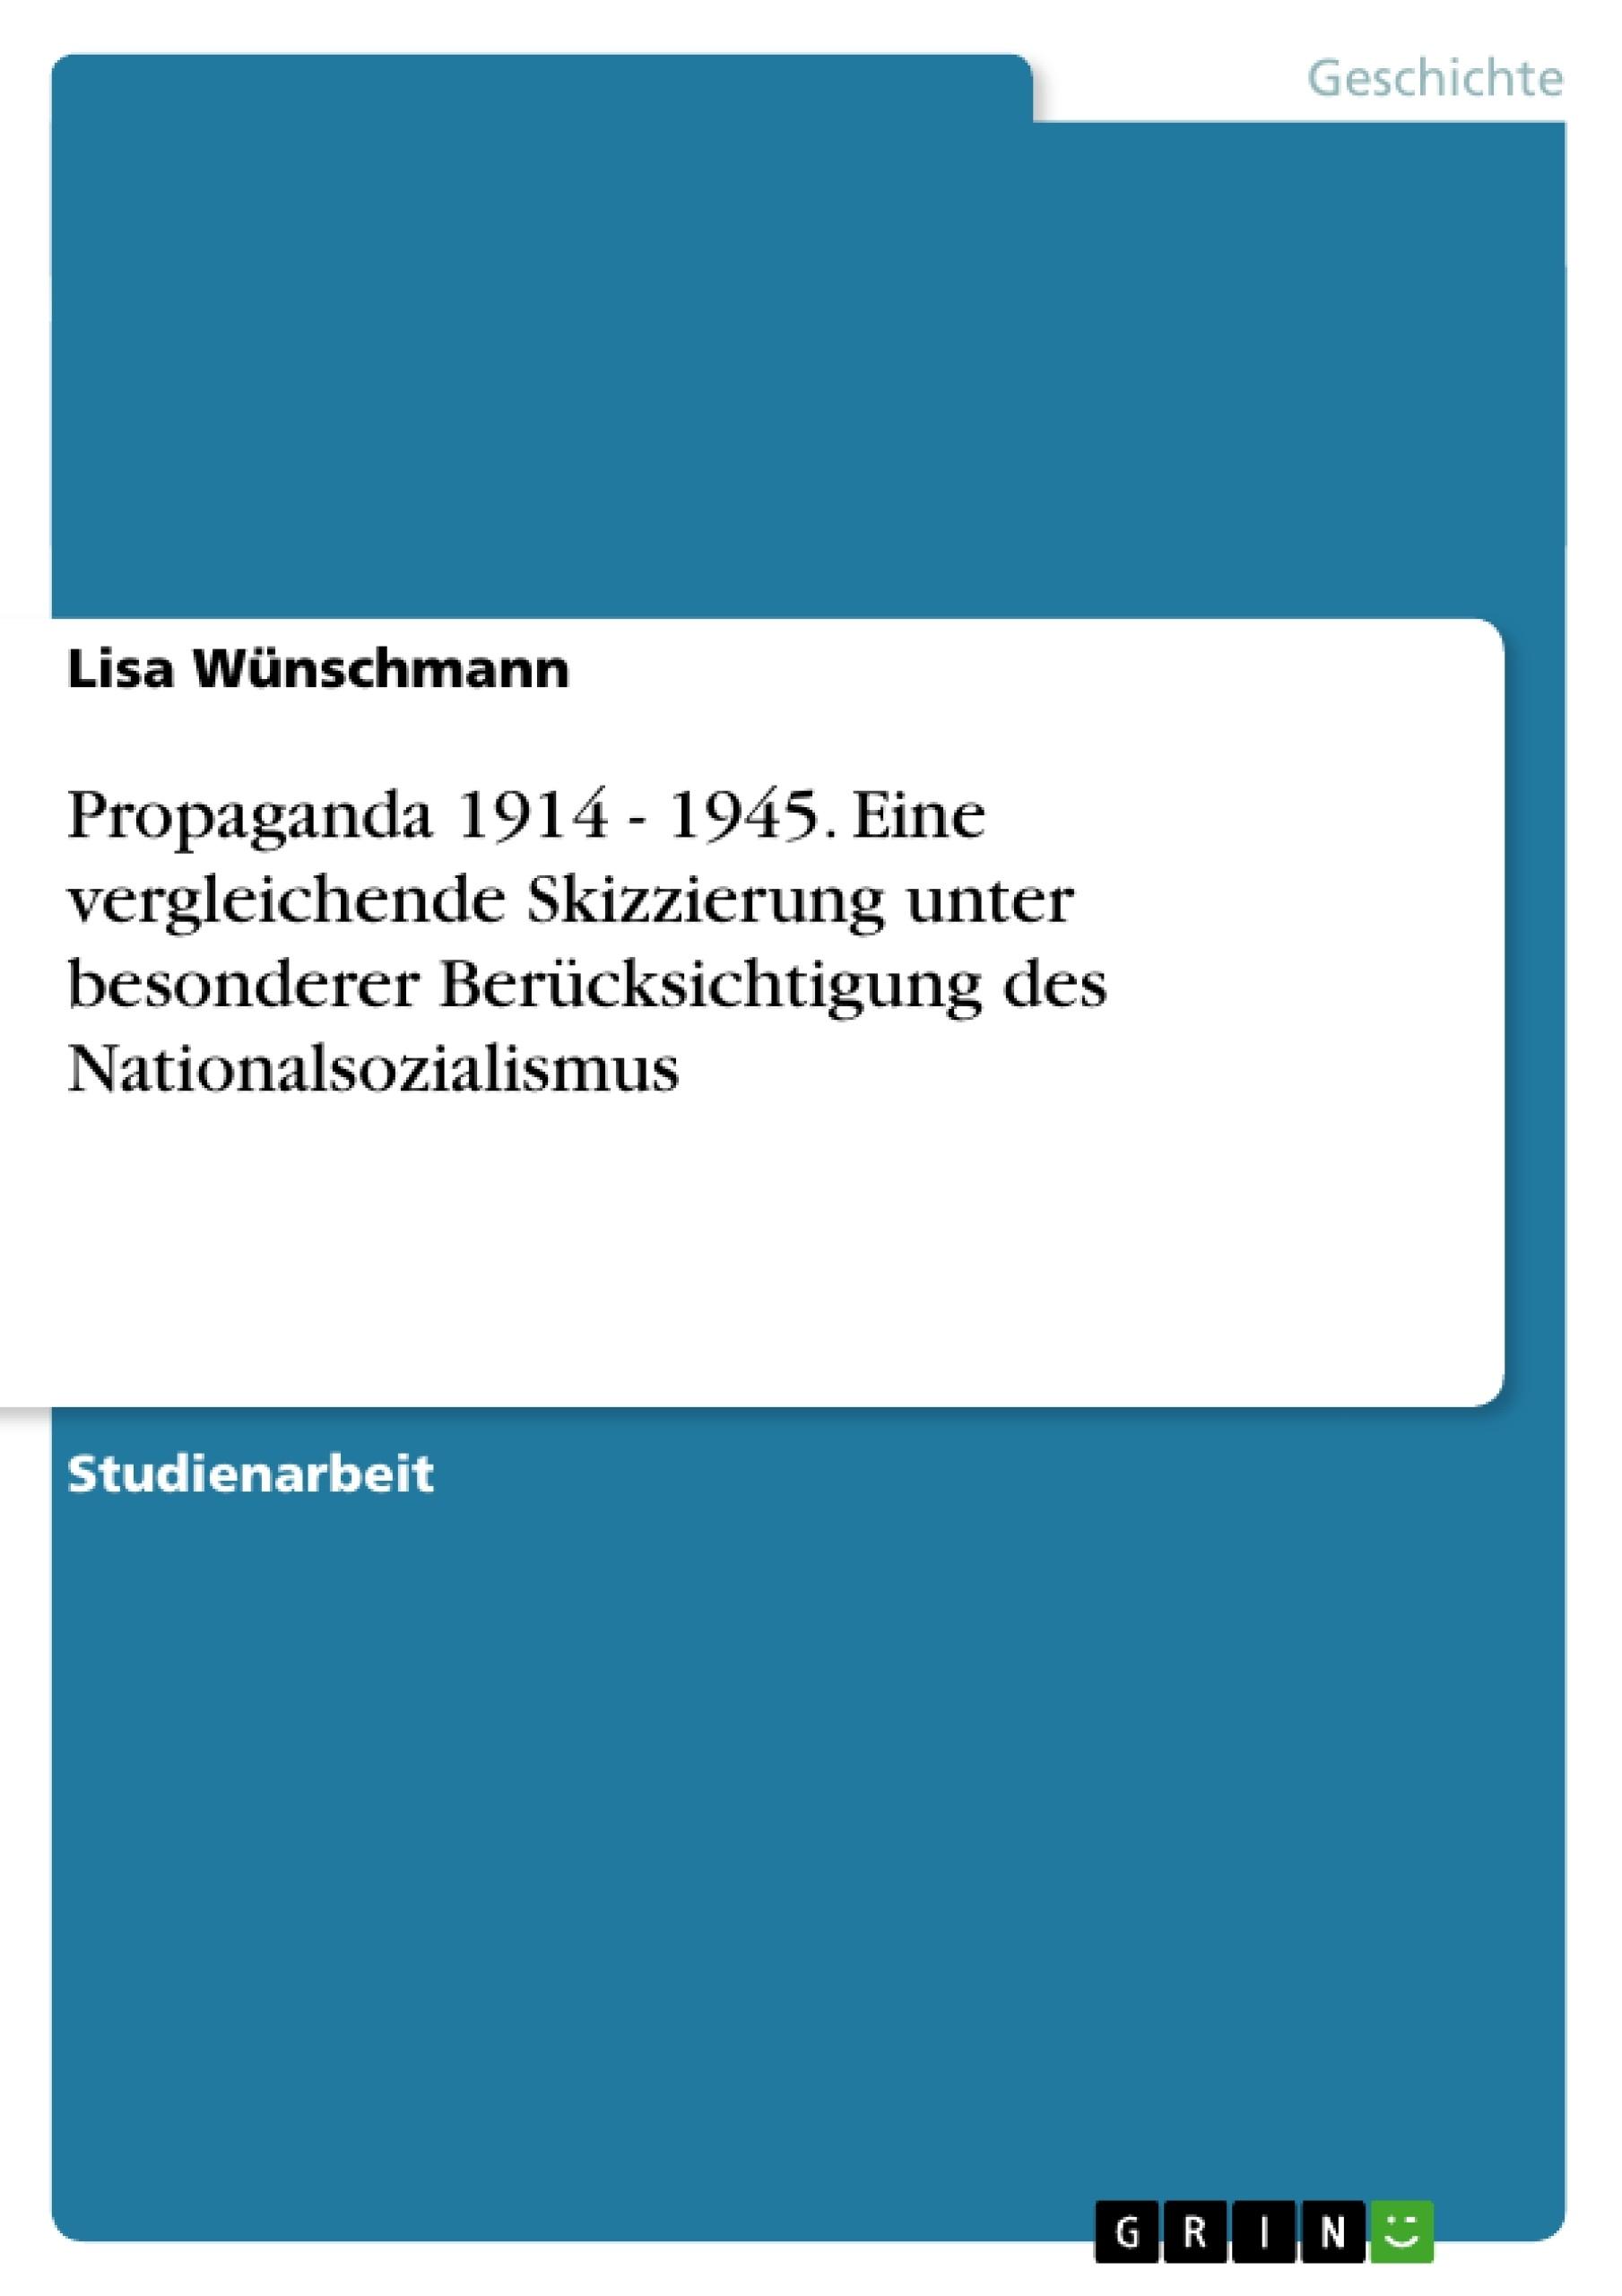 Titel: Propaganda 1914 - 1945. Eine vergleichende Skizzierung unter besonderer Berücksichtigung des Nationalsozialismus